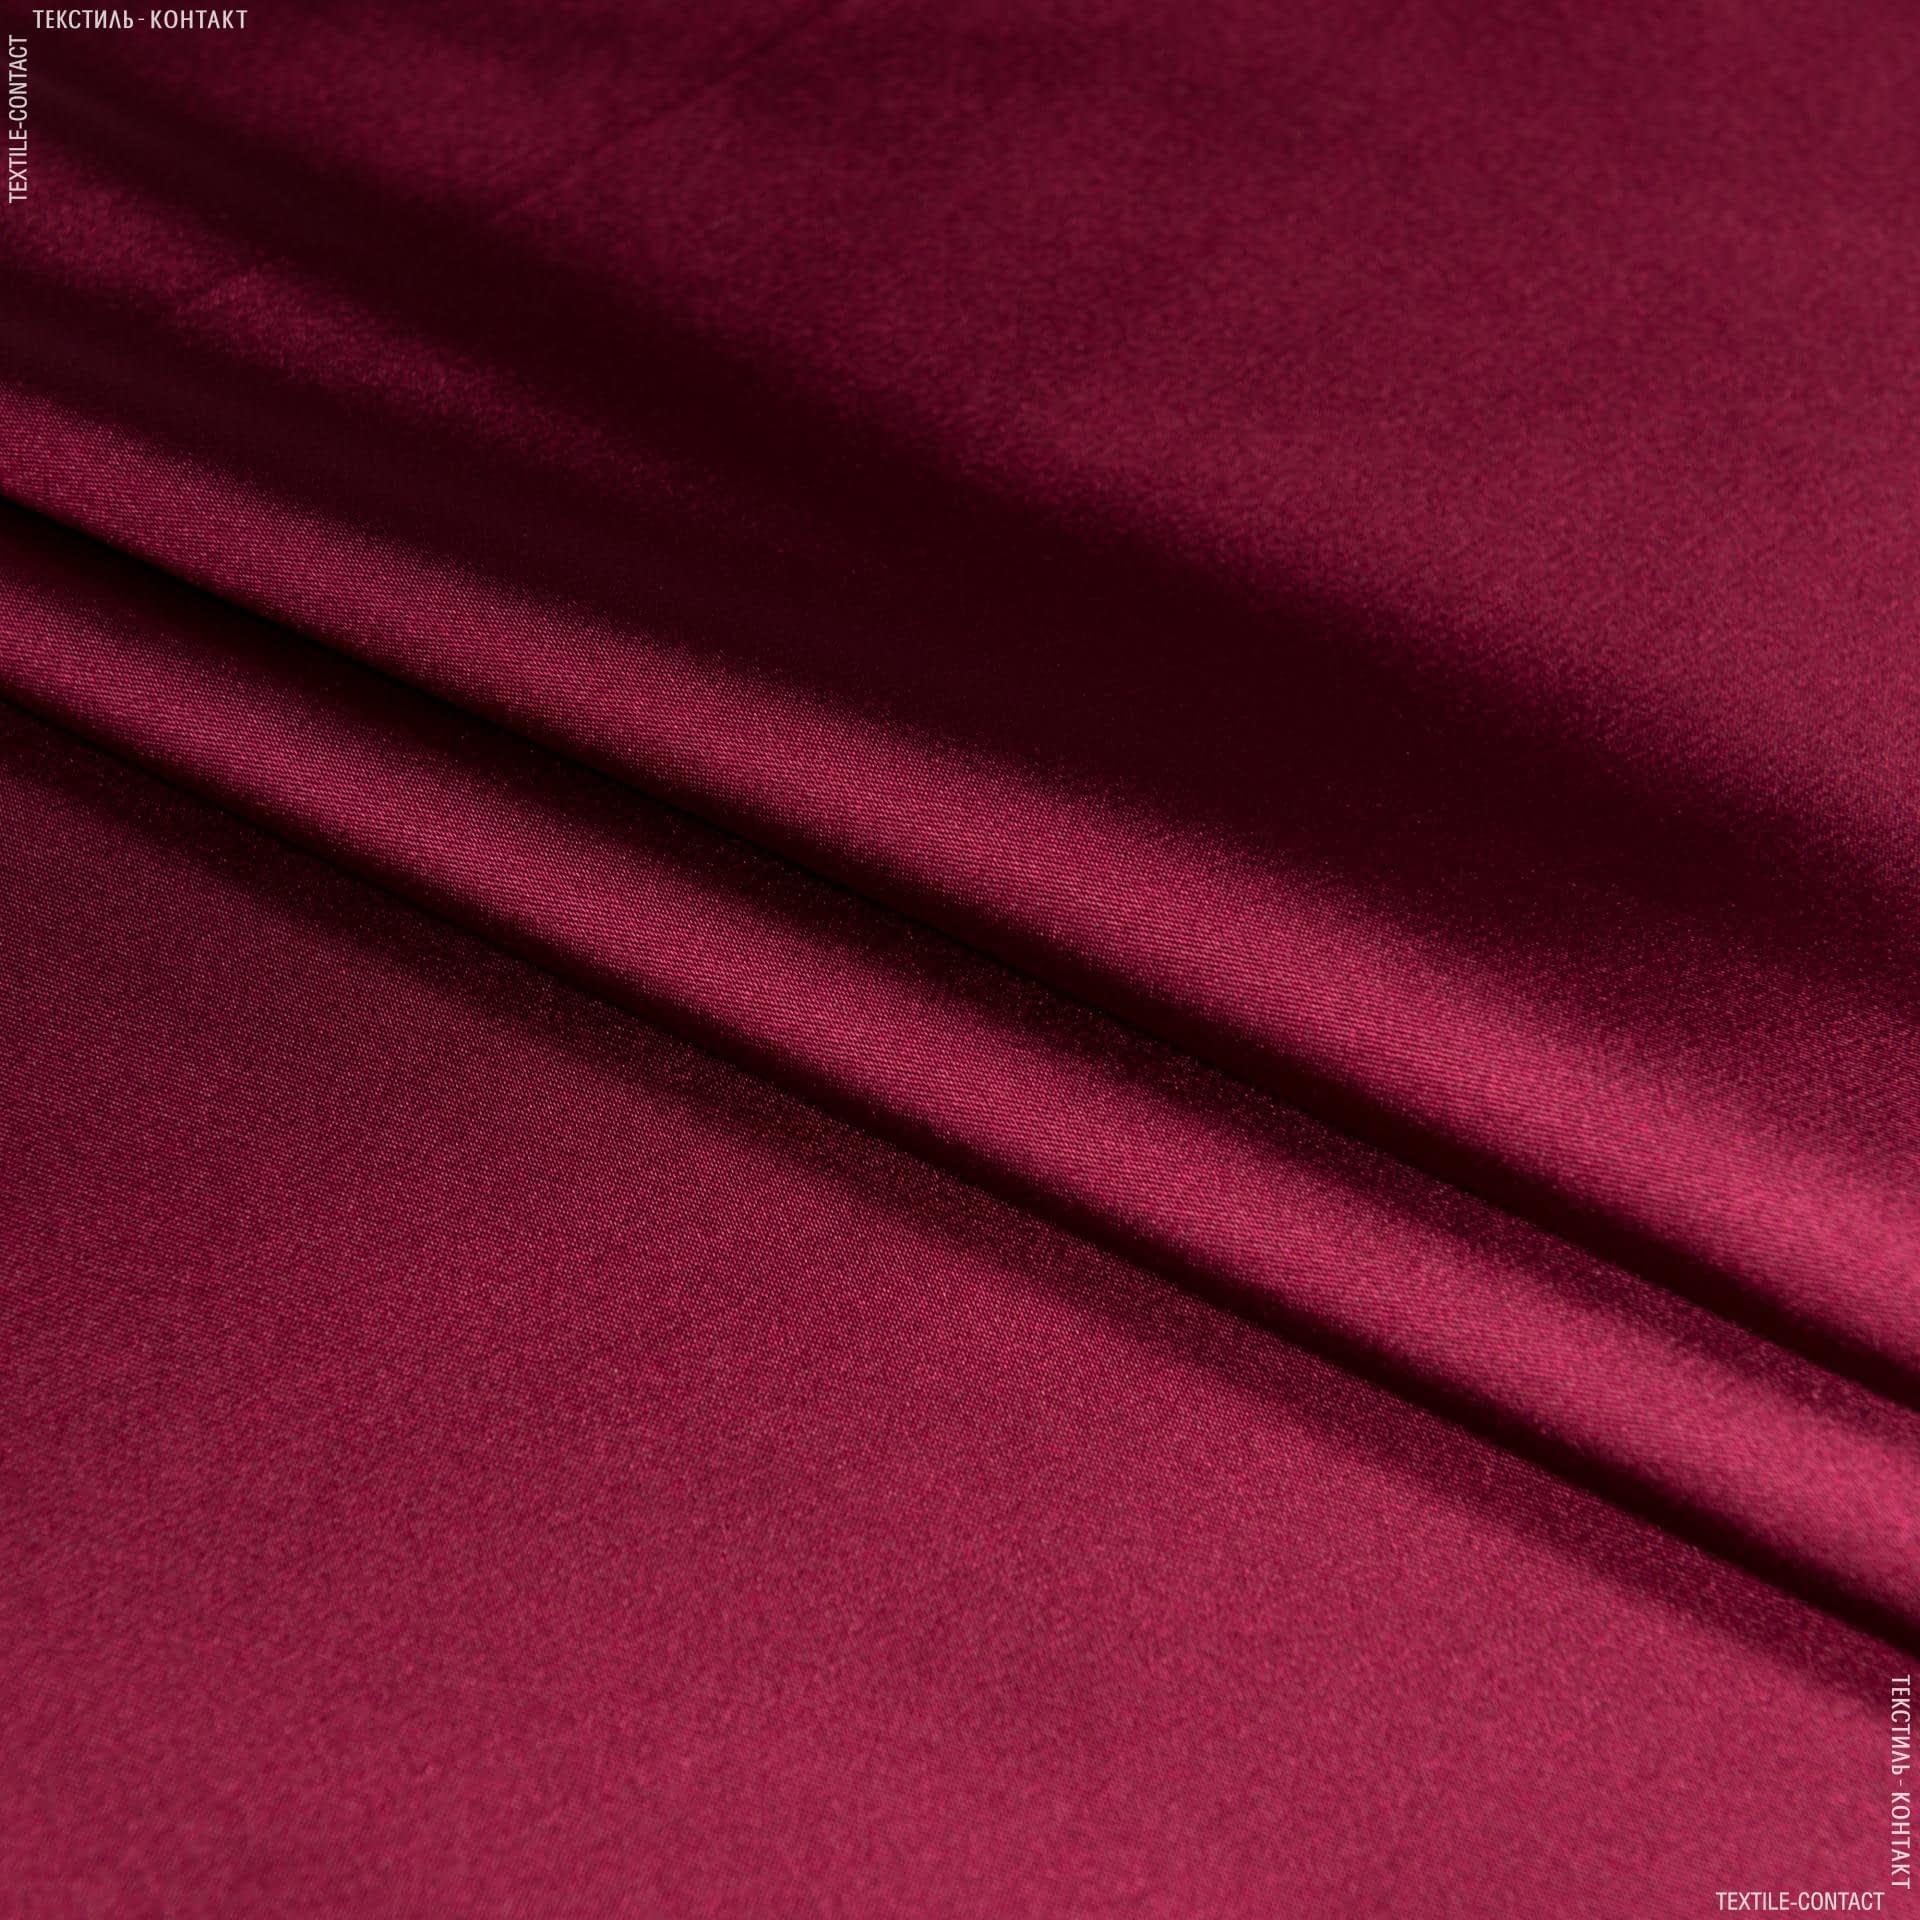 Ткани для платьев - Атлас лайт софт светло-бордовый